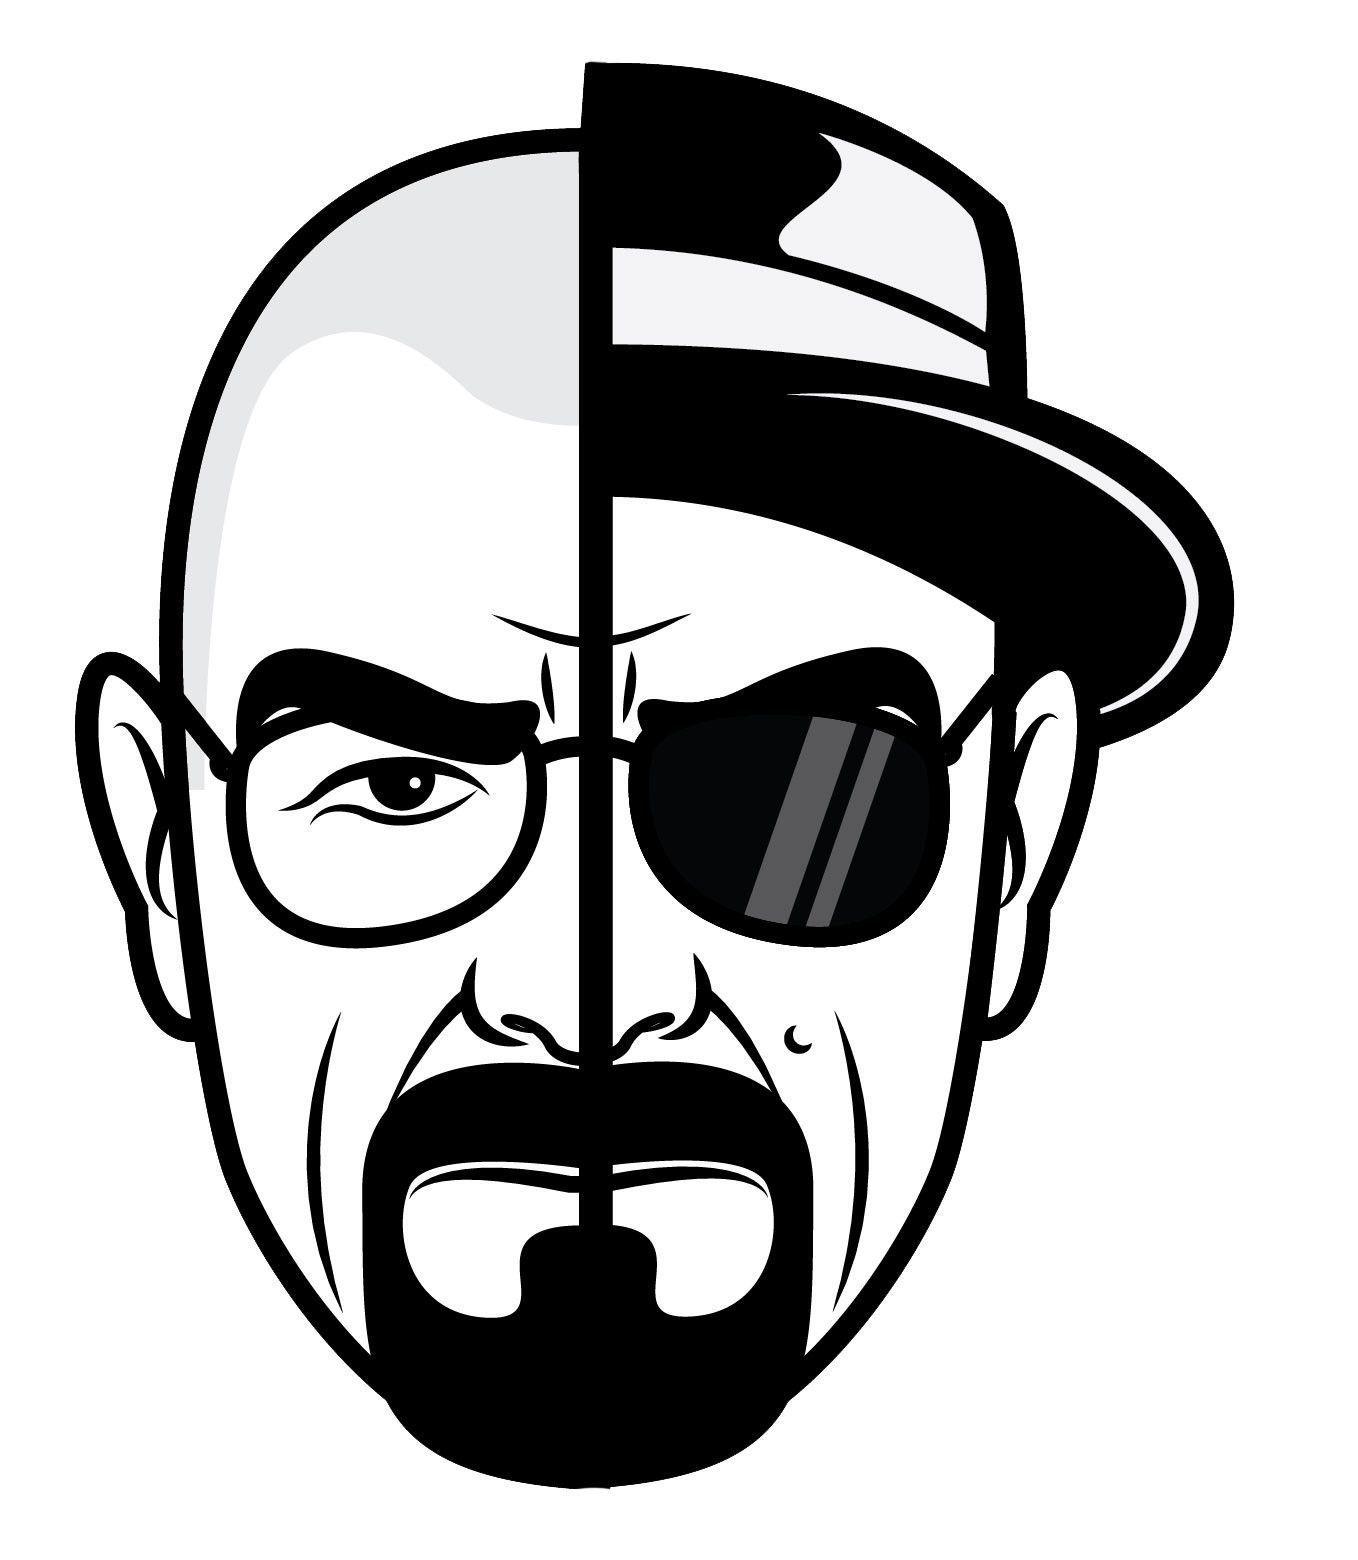 7c546efb5 Breaking Bad Heisenberg Stickers - 5 in 2019   Breaking Bad ...